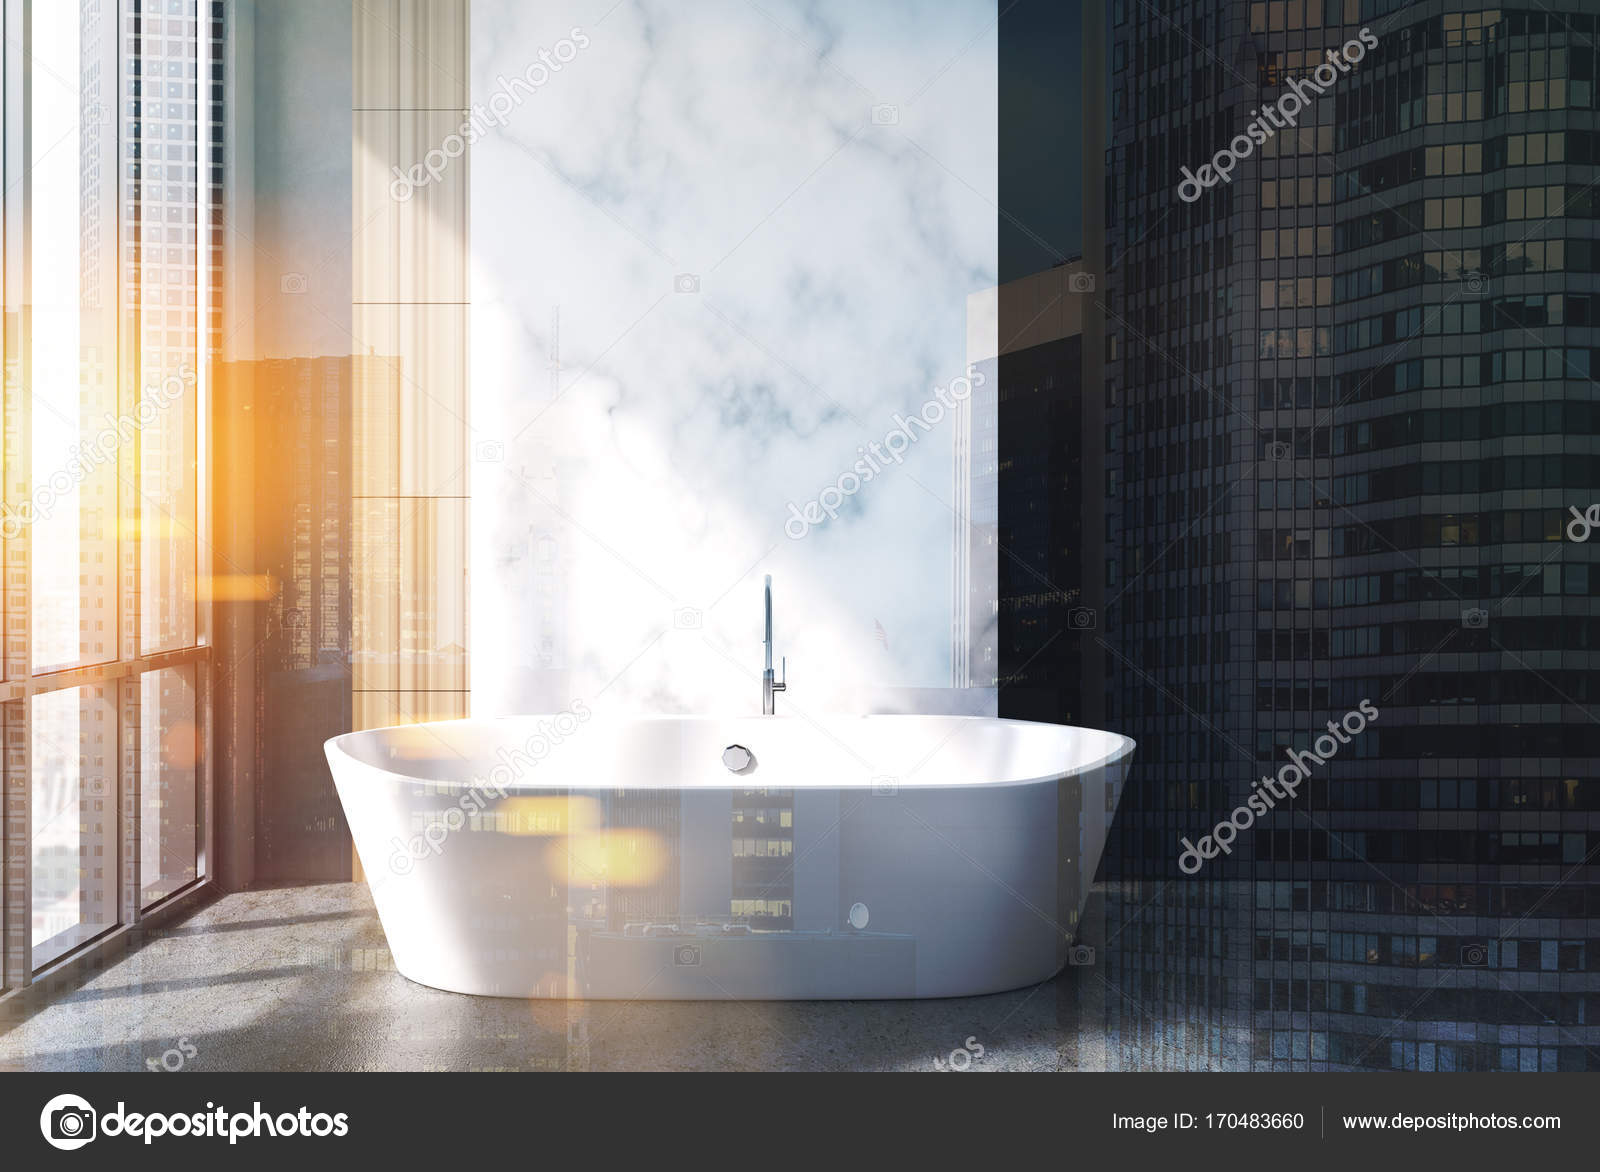 Vasca Da Bagno Marmo : Marmo e vasca da bagno vasca doppia u foto stock denisismagilov